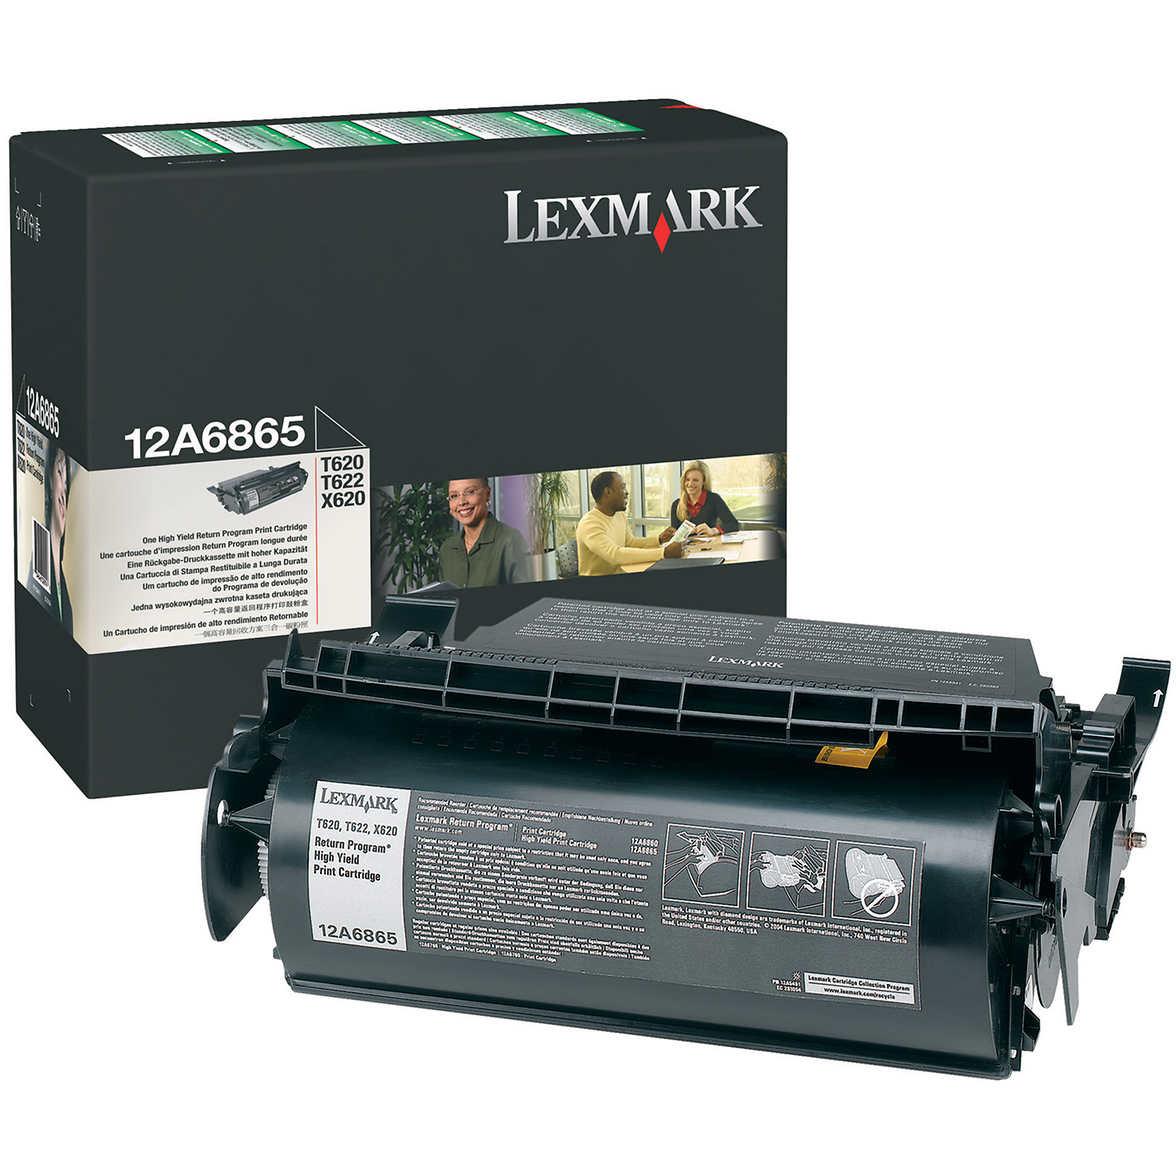 original lexmark 12a6865 black high capacity toner cartridge 12a6865 ink n toner uk. Black Bedroom Furniture Sets. Home Design Ideas